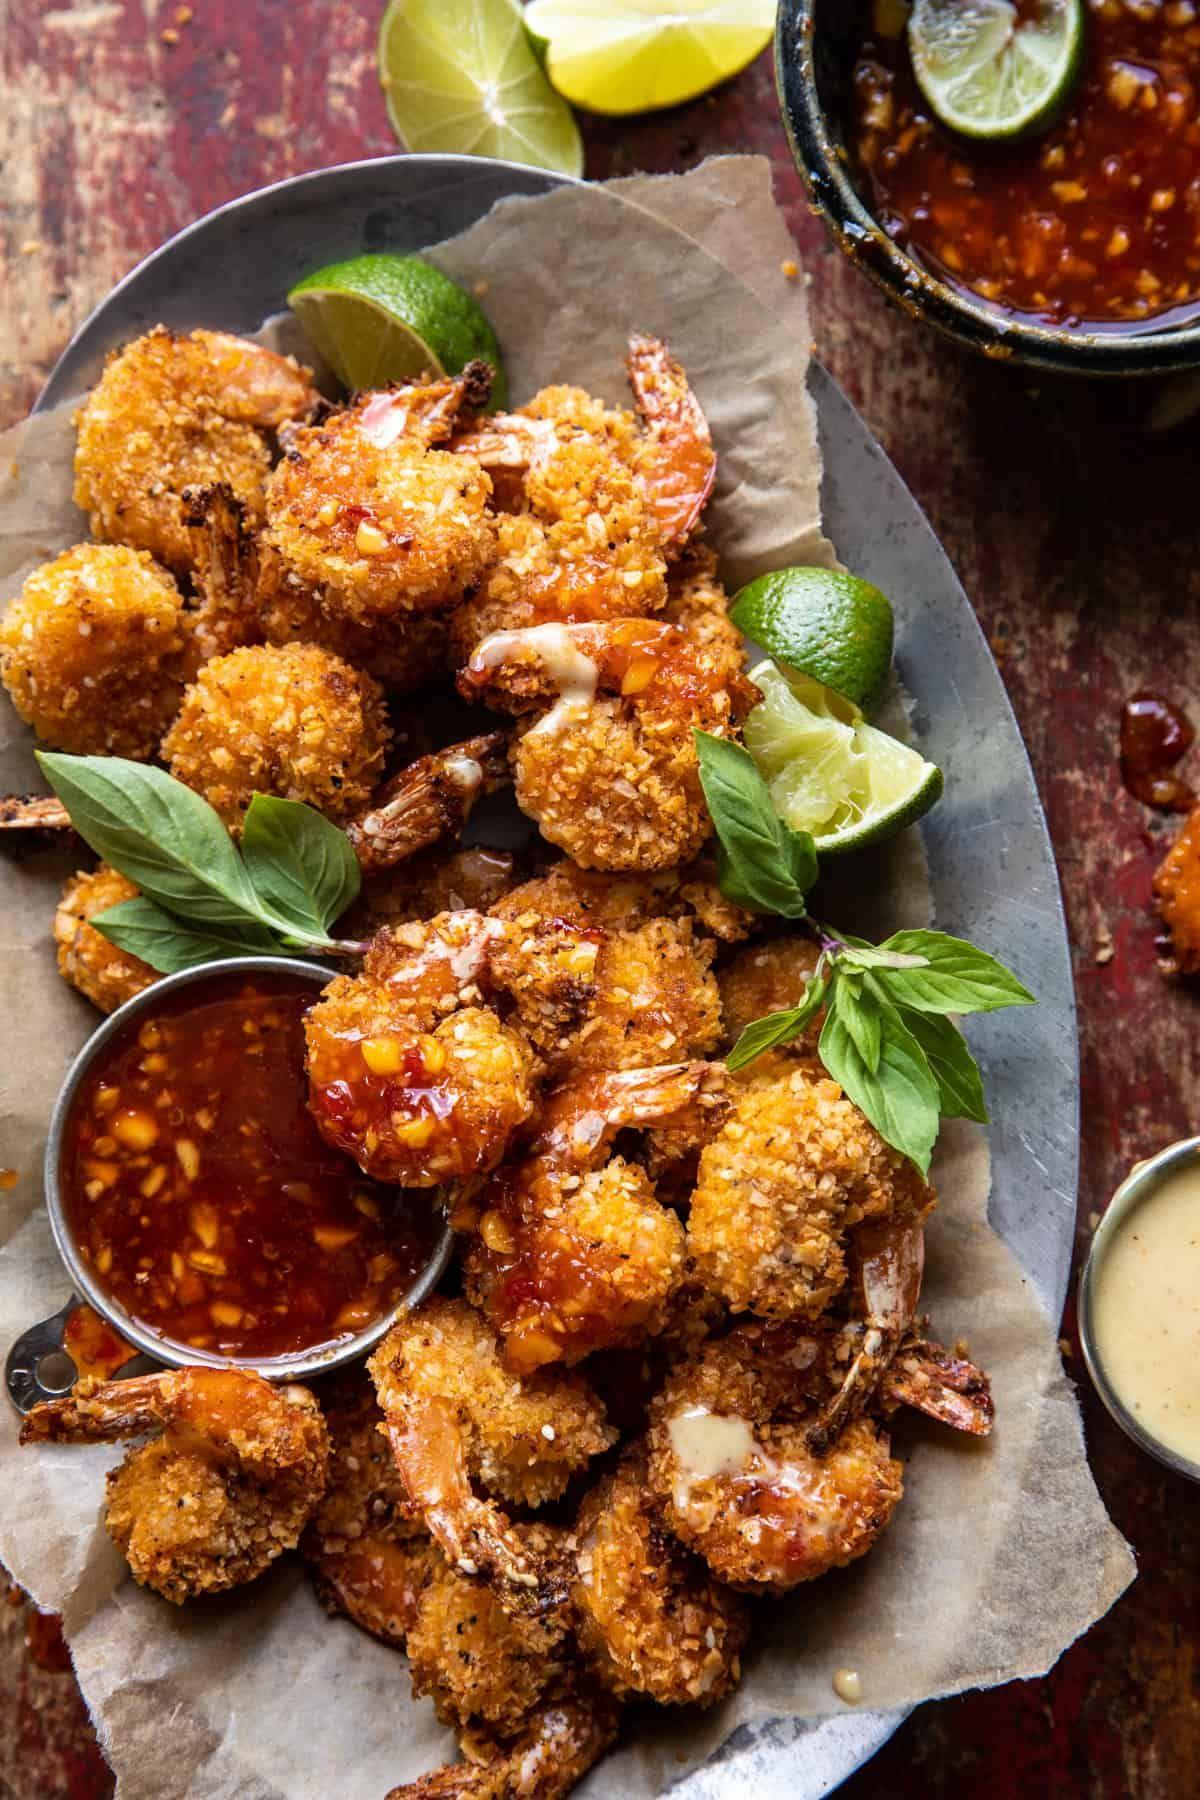 BBQ Shrimp half naked/fried